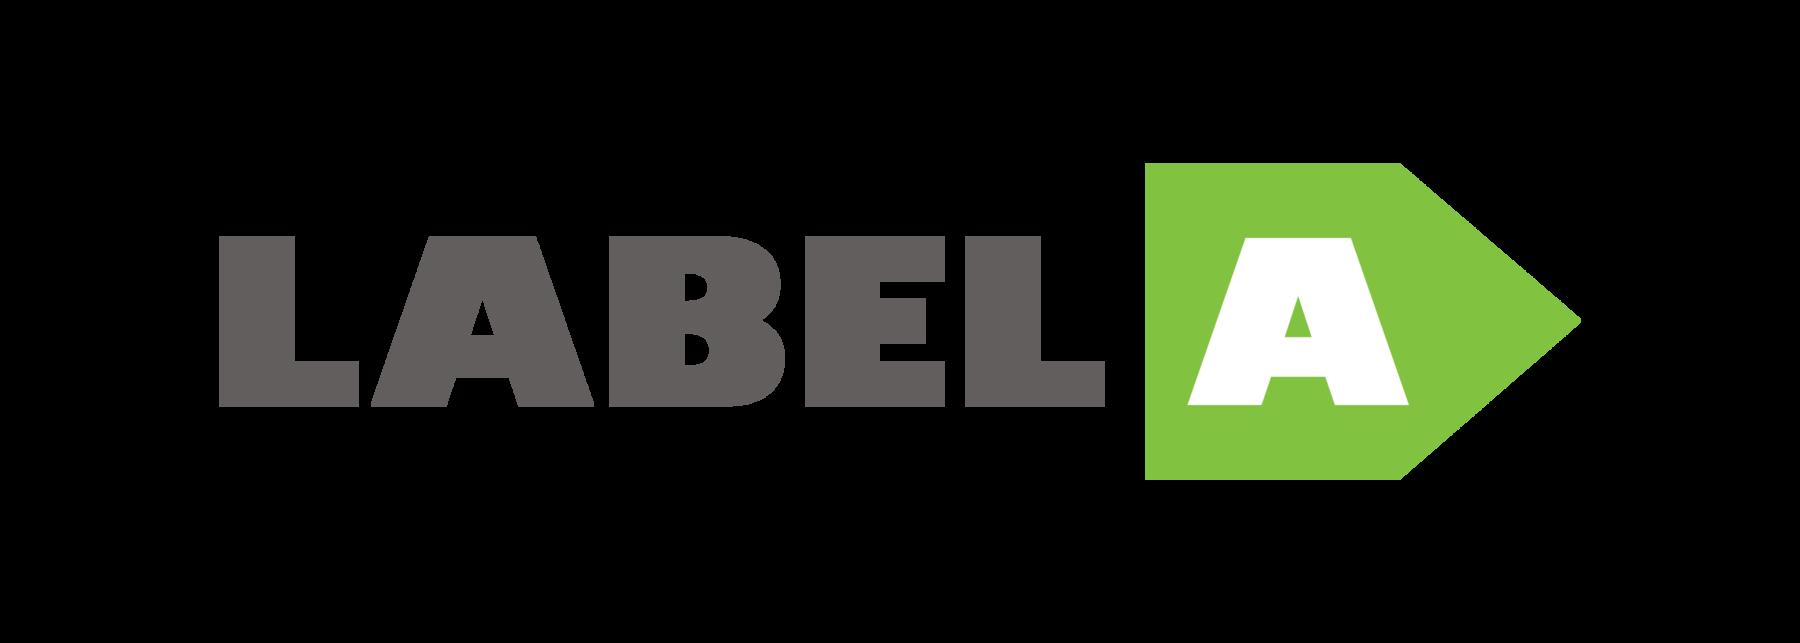 Label_A_logo